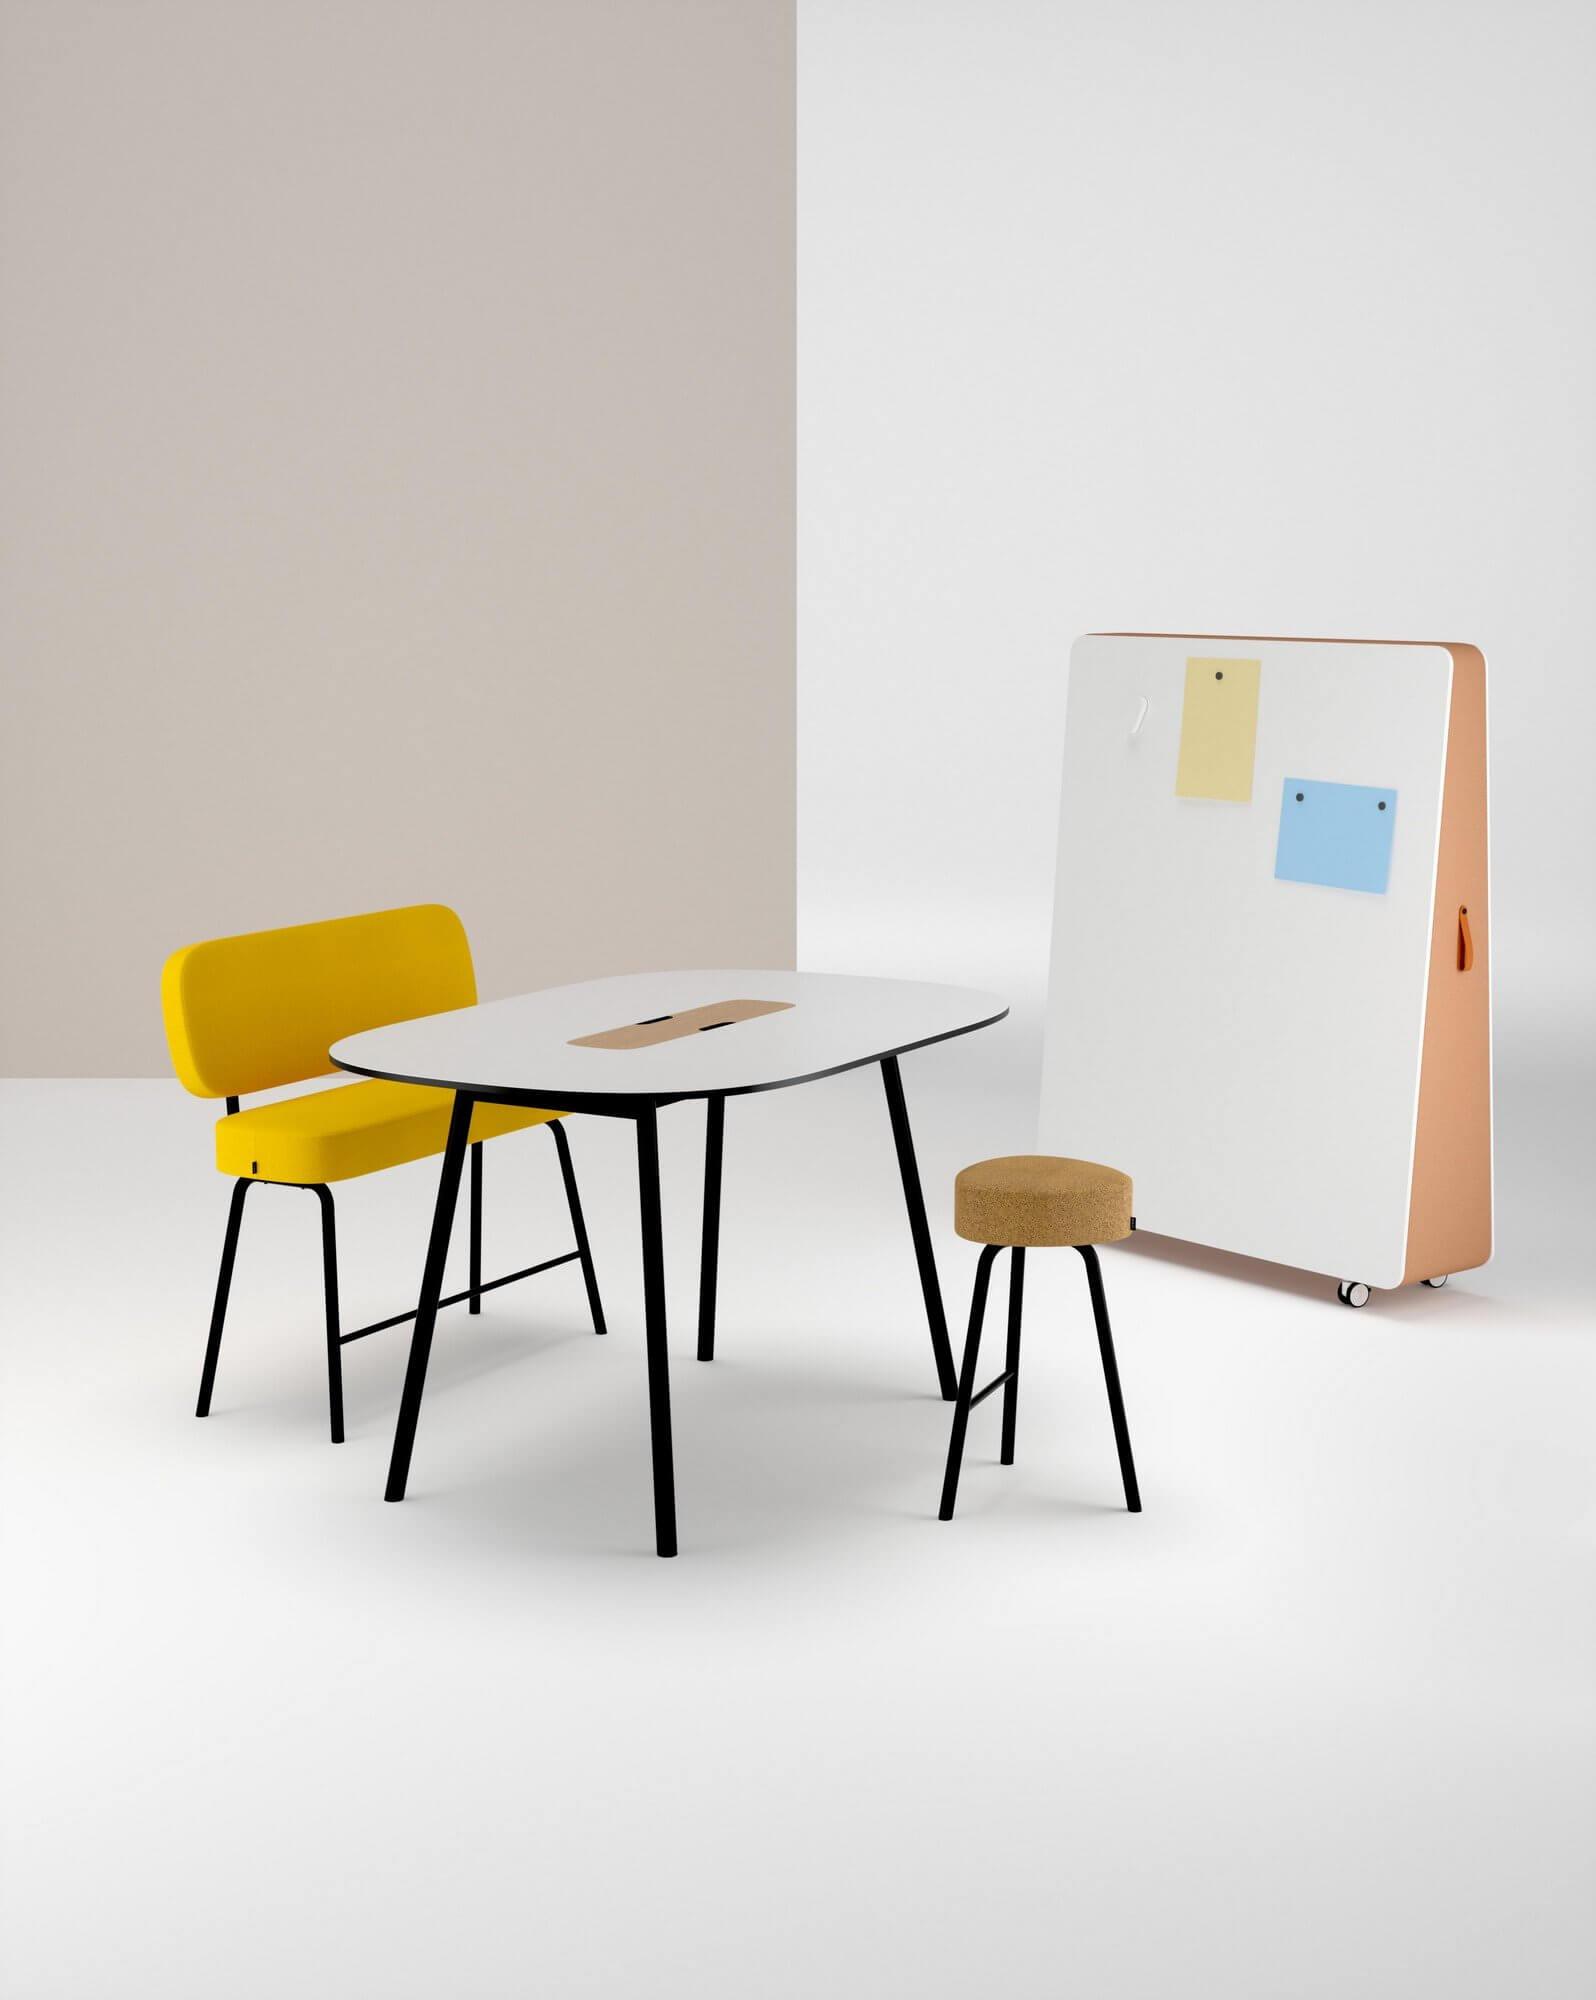 Table de réunion design moderne PULLY.